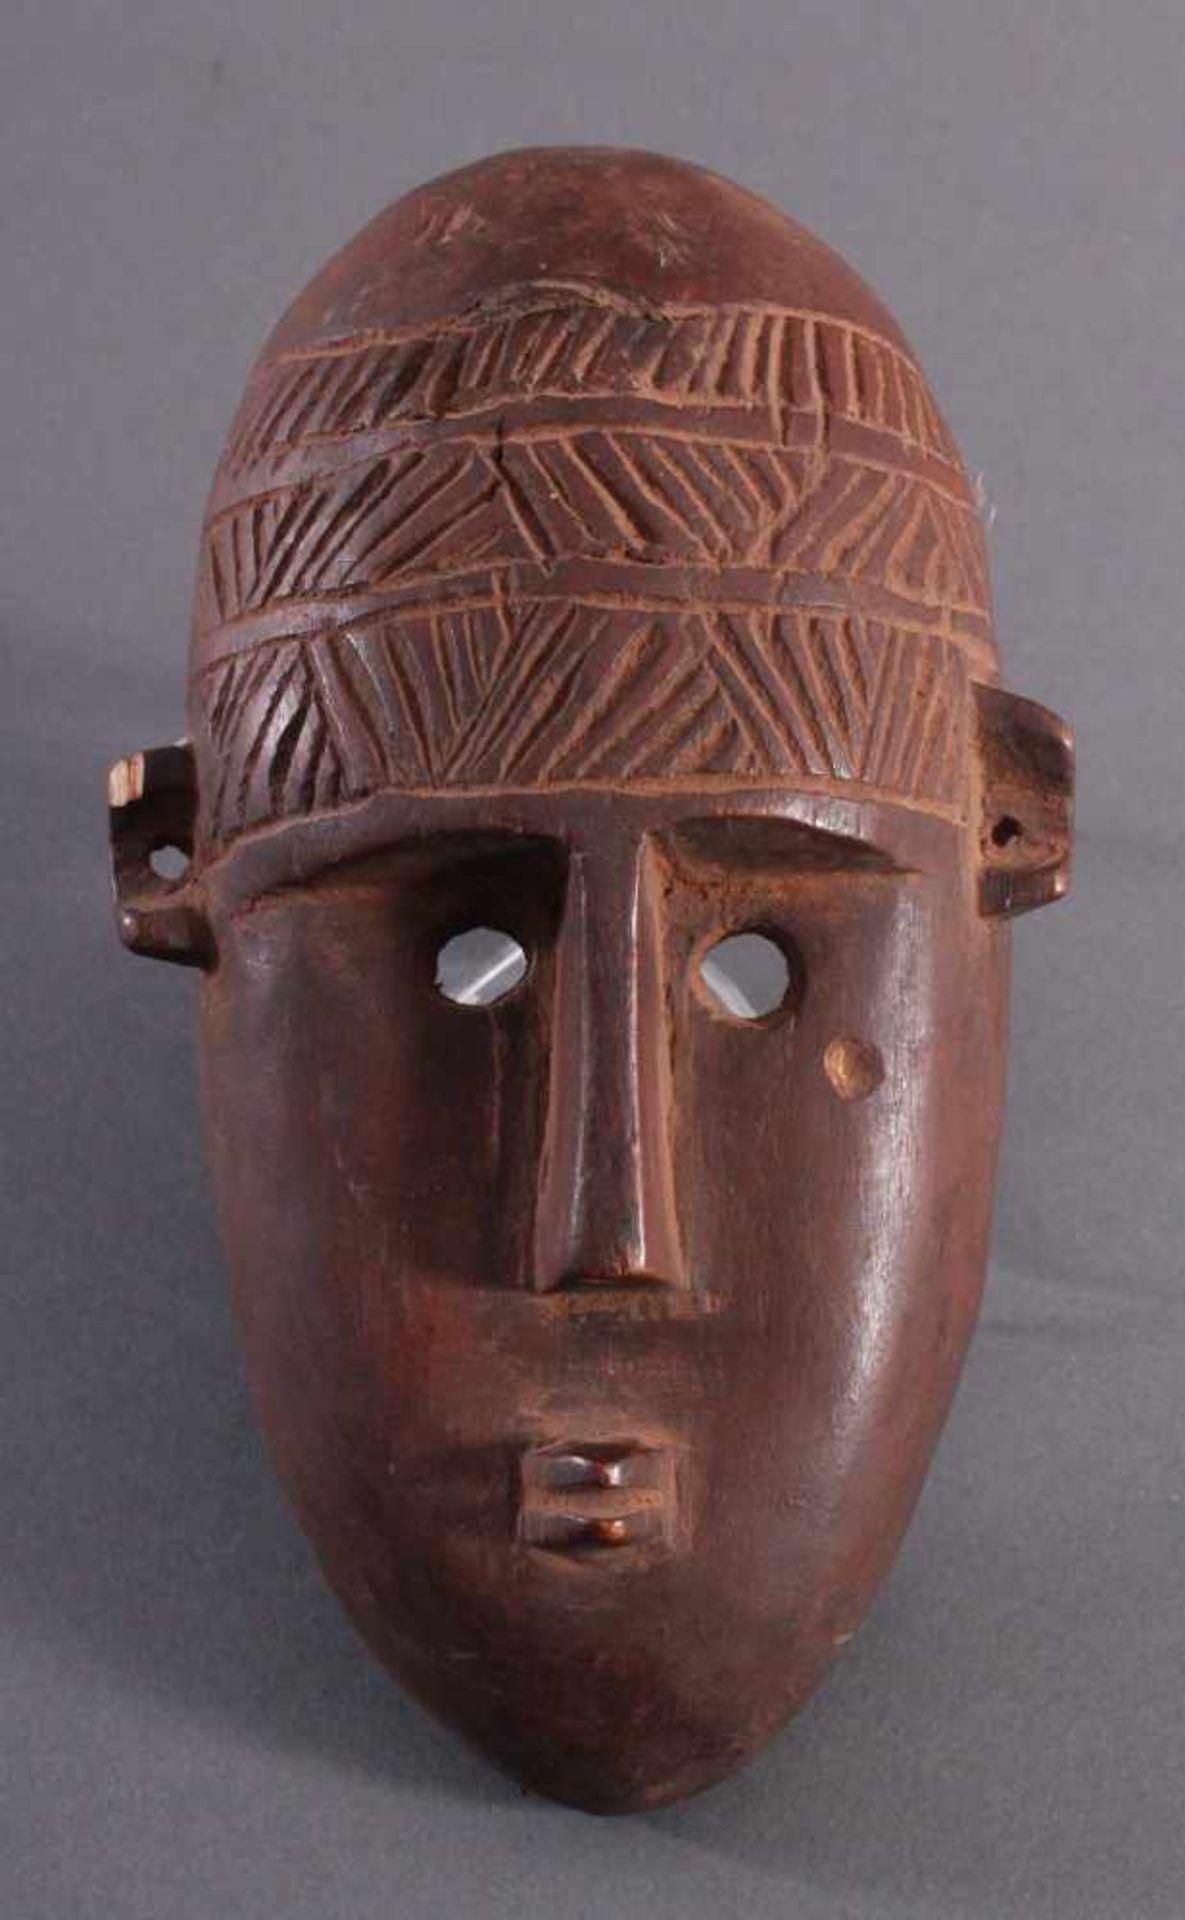 Antike Maske, BambaraHolz geschnitzt, braune Patina, am linken Ohr mit kleiner Abplatzung,